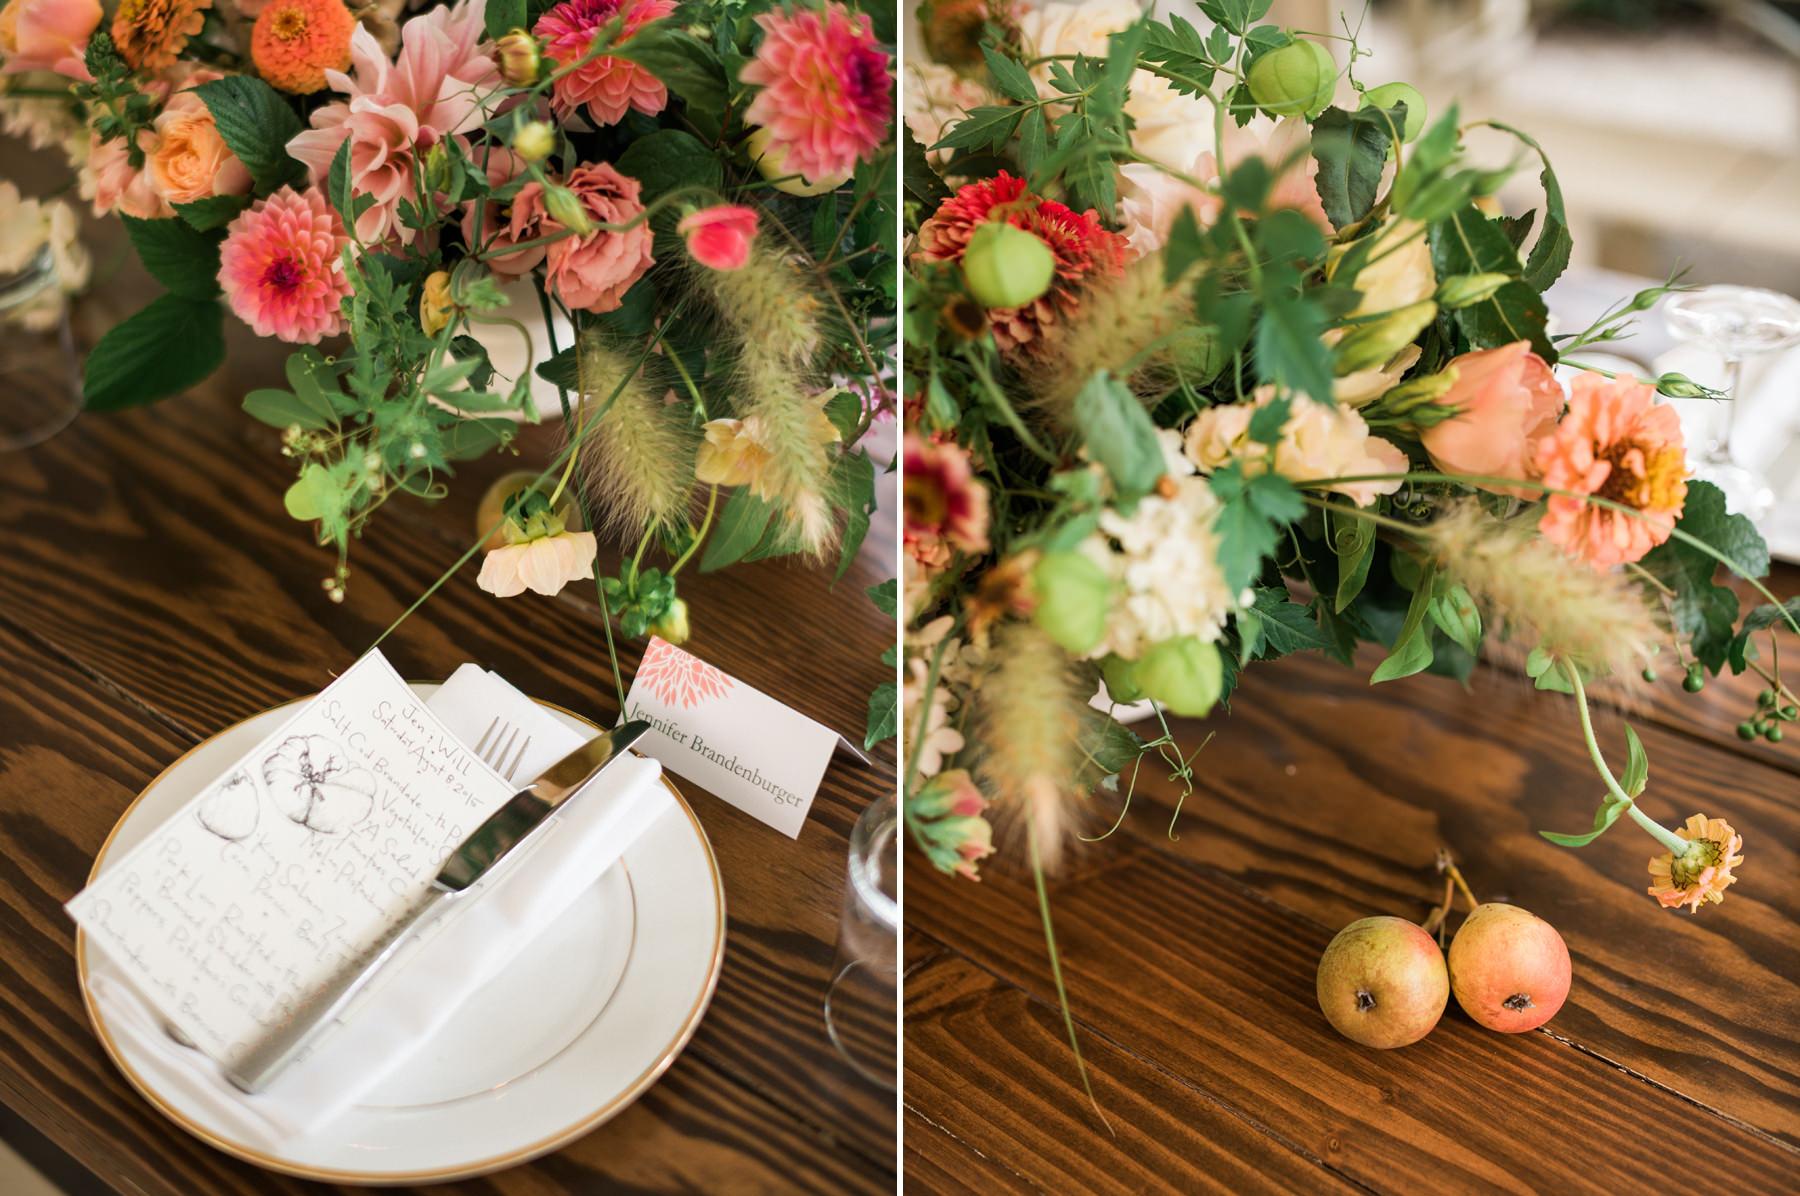 188-fine-art-film-details-of-floret-florals-at-the-corson-building.jpg